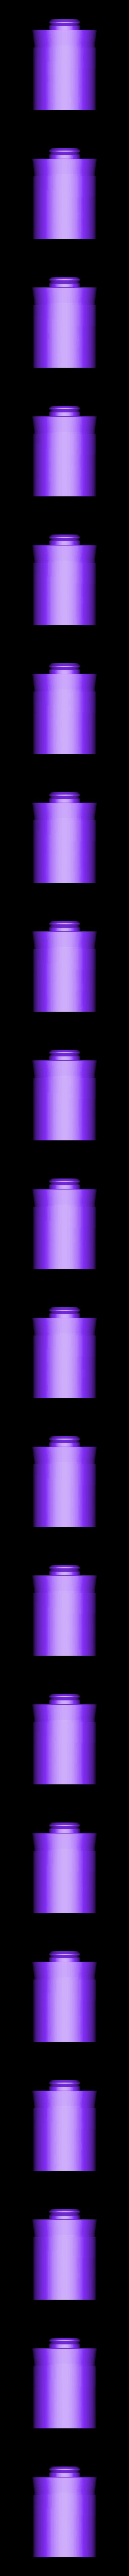 Lower_Small_base_v3.stl Télécharger fichier STL gratuit Clone Wars Era Rockets pour Boba Fett Jet Pack • Modèle pour impression 3D, ewr2san